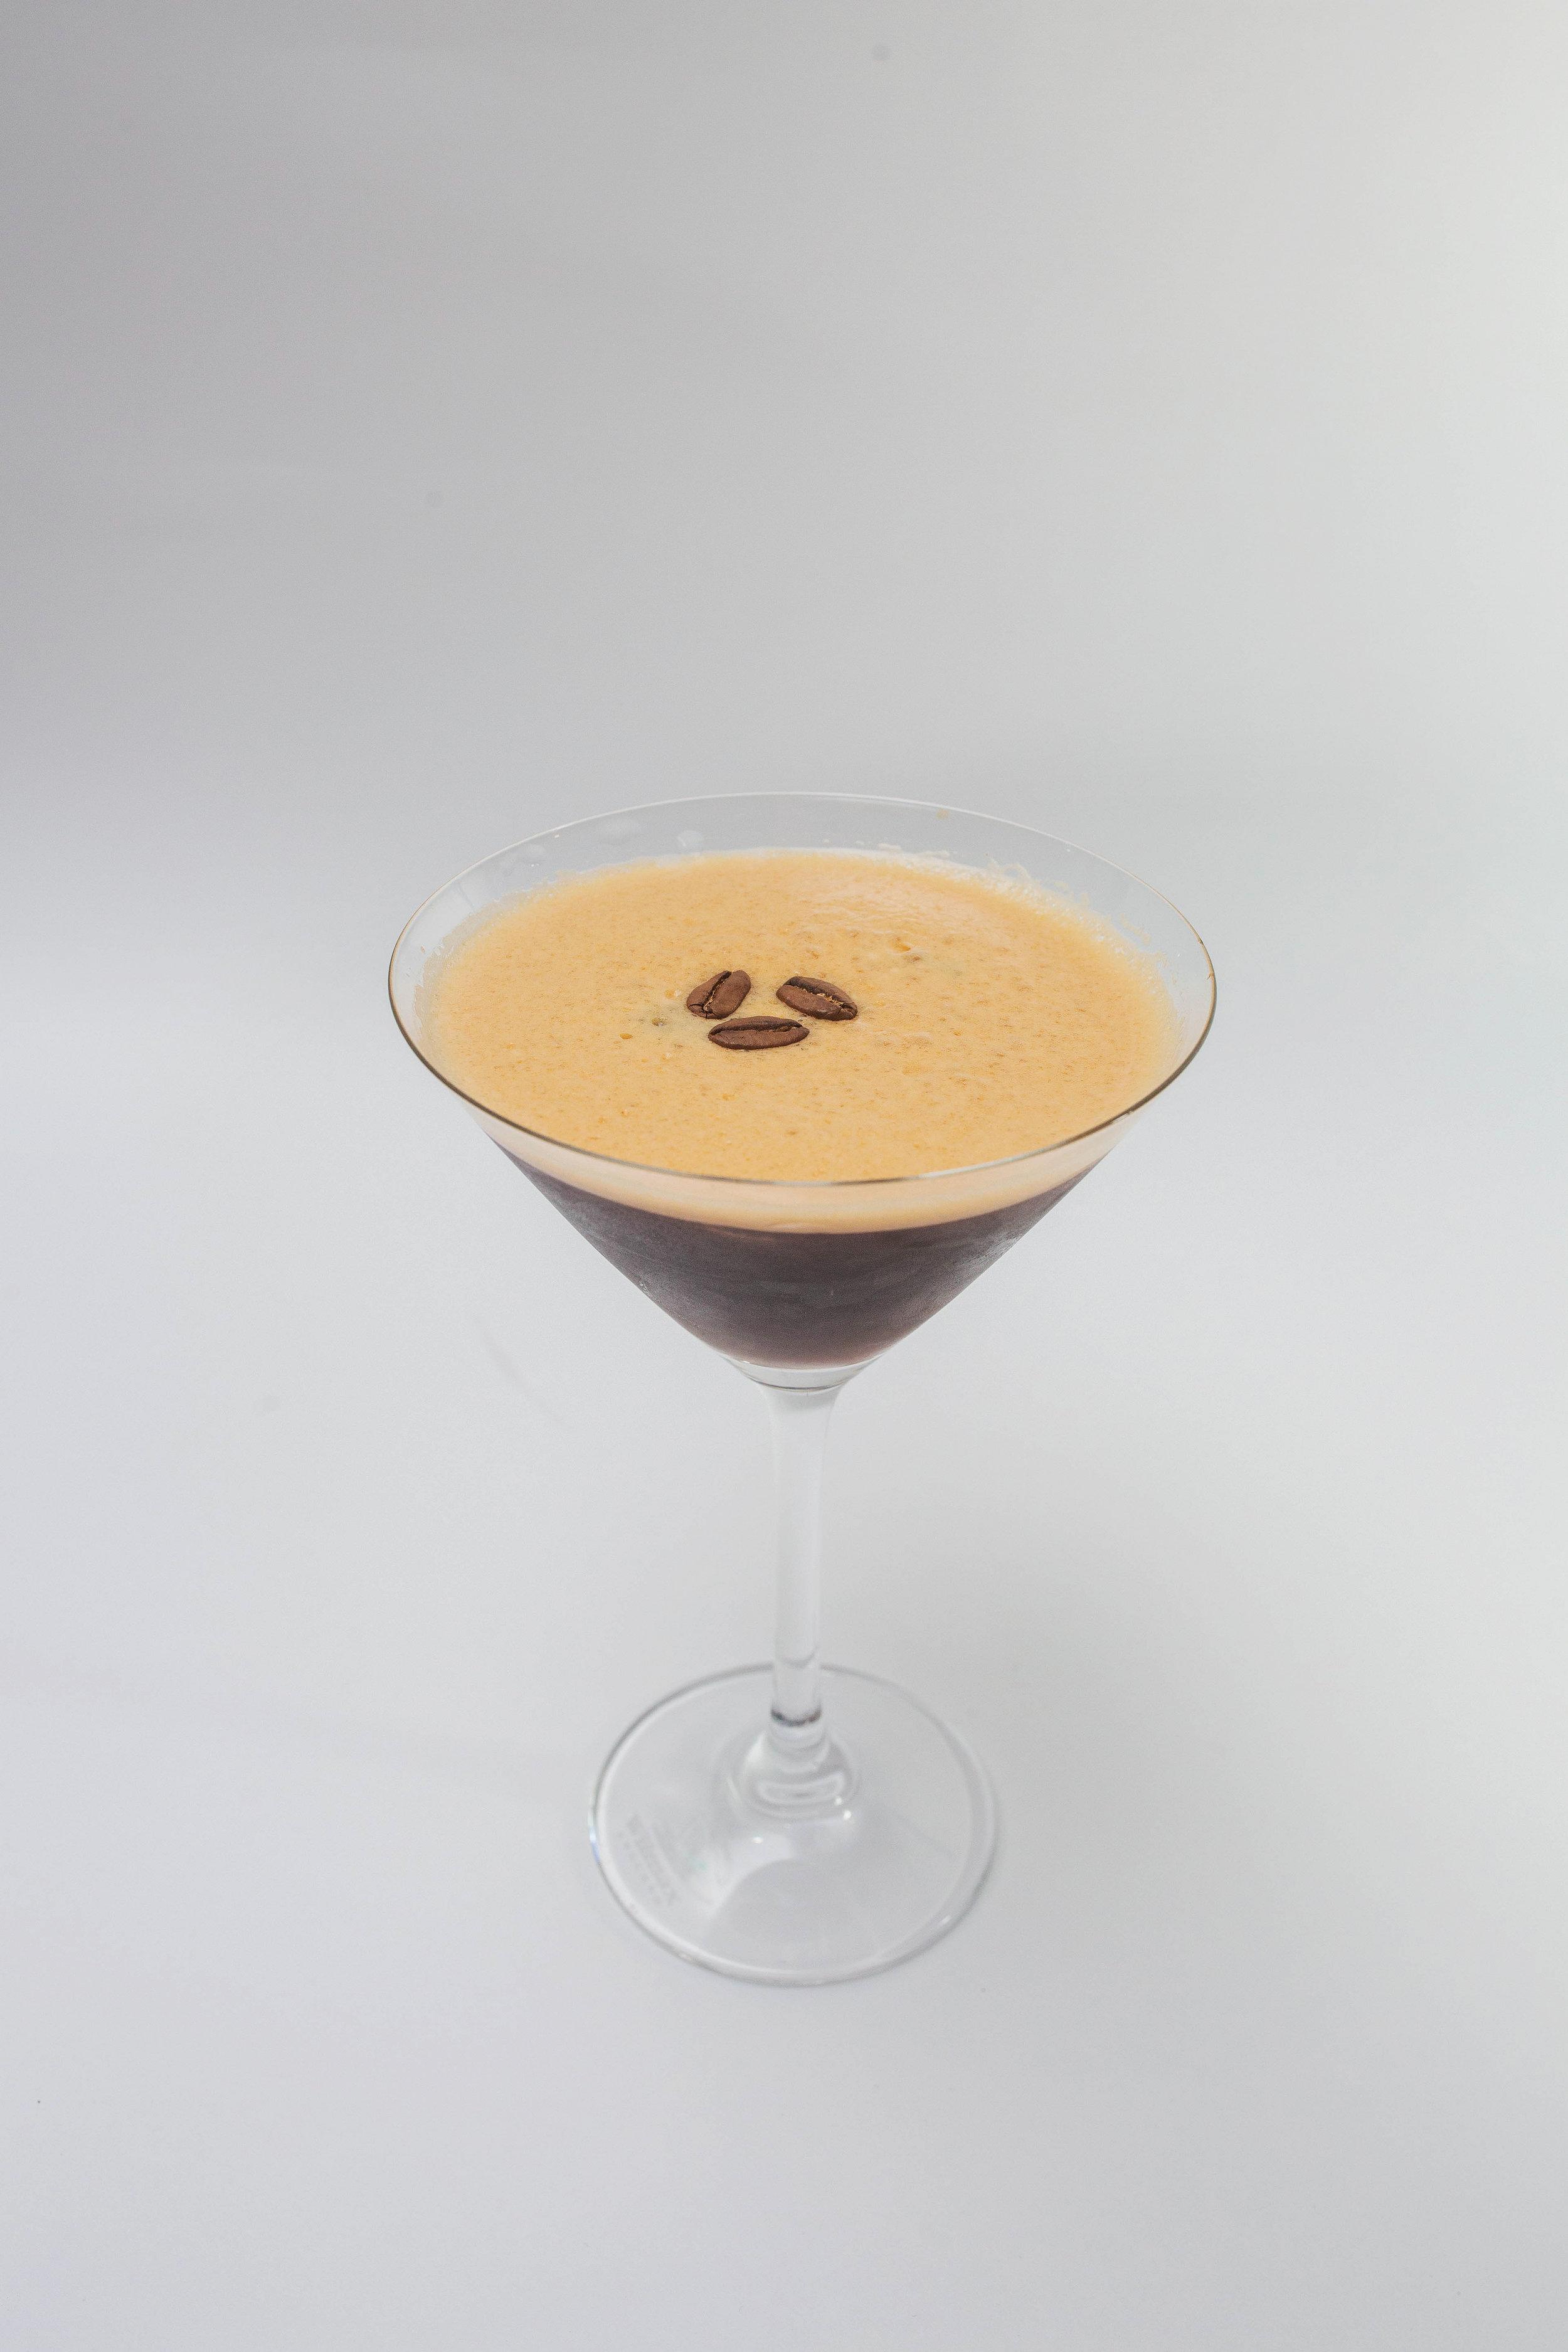 Espresso Martini - 290 kgs